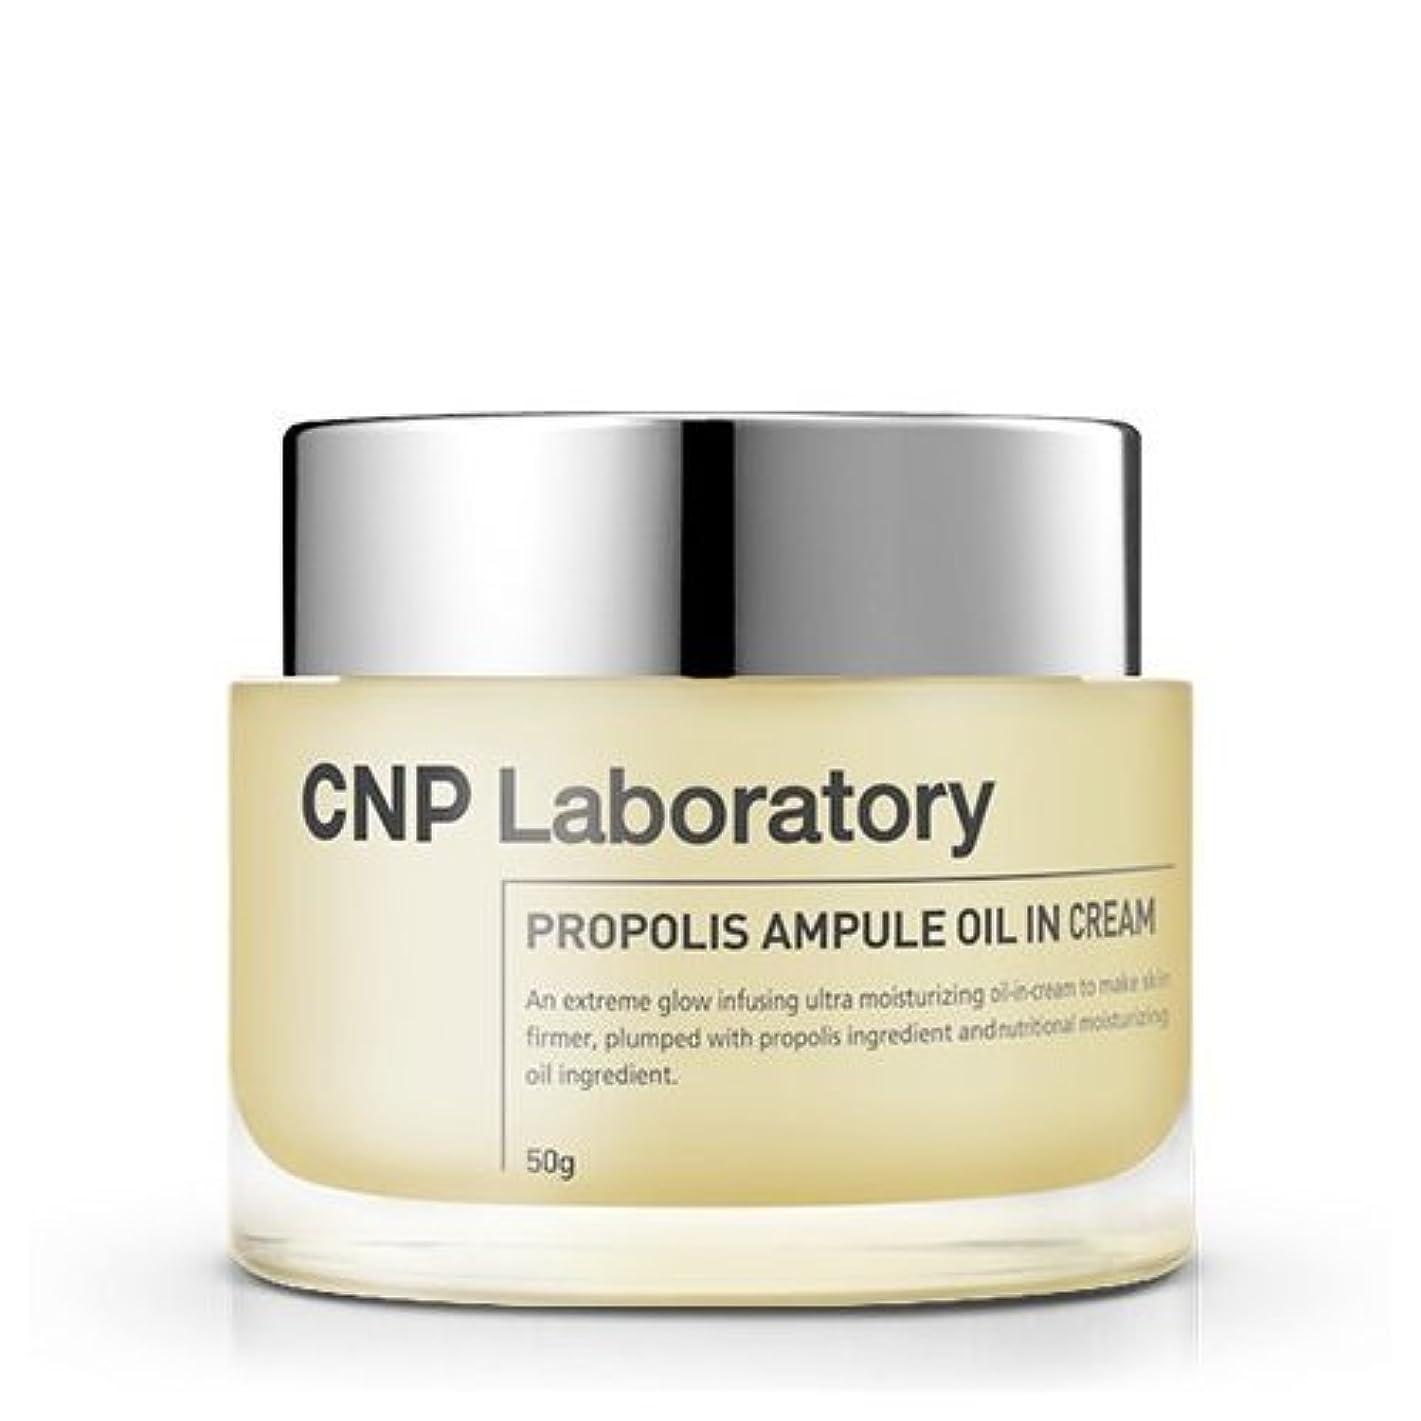 海噴火嫌なCNP Laboratory プロポリスアンプルオイルインクリーム50ミリリットル